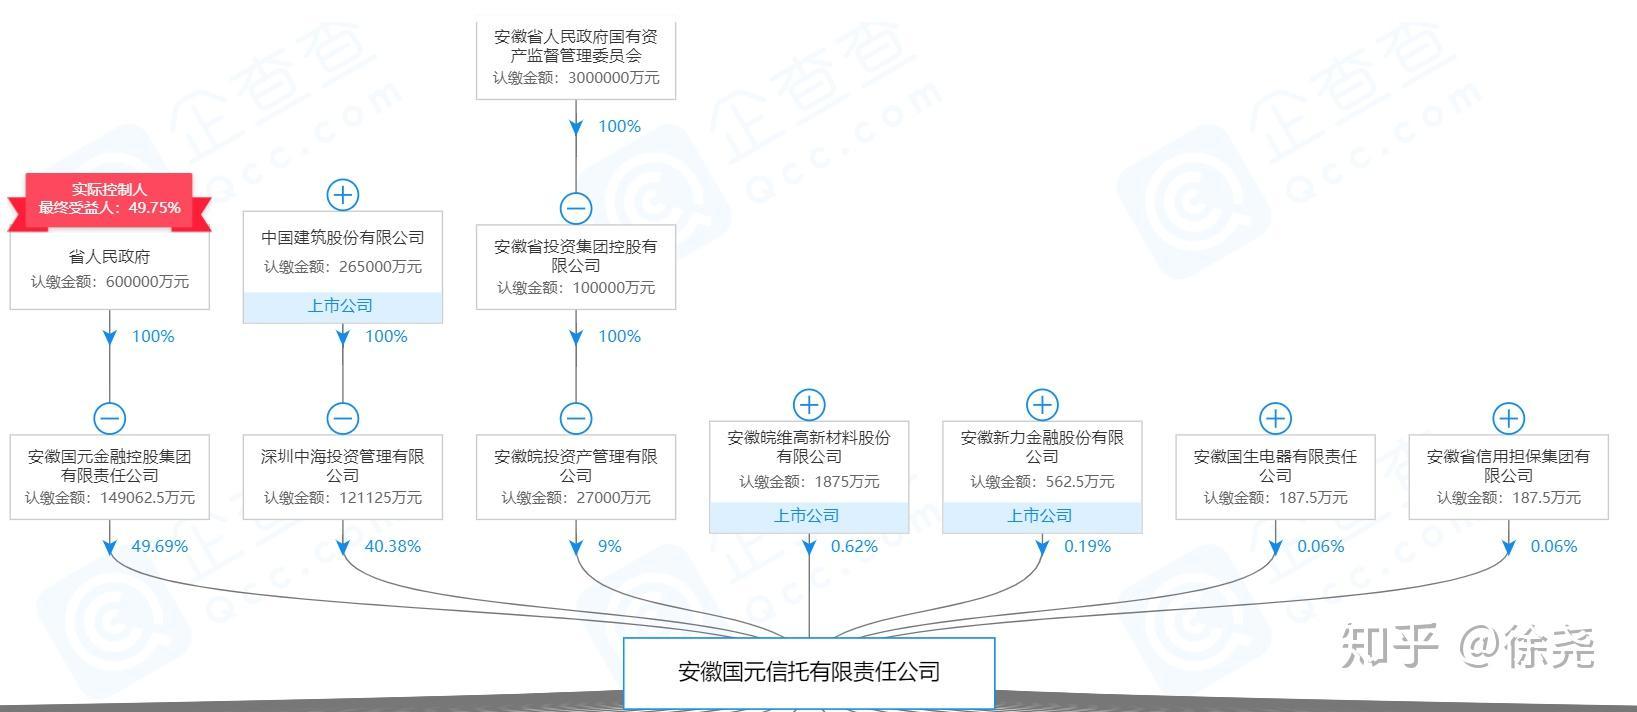 安邦保险股东背景_[信托公司信息系列:2/3]中国68家信托公司股权穿透与股东背景 ...